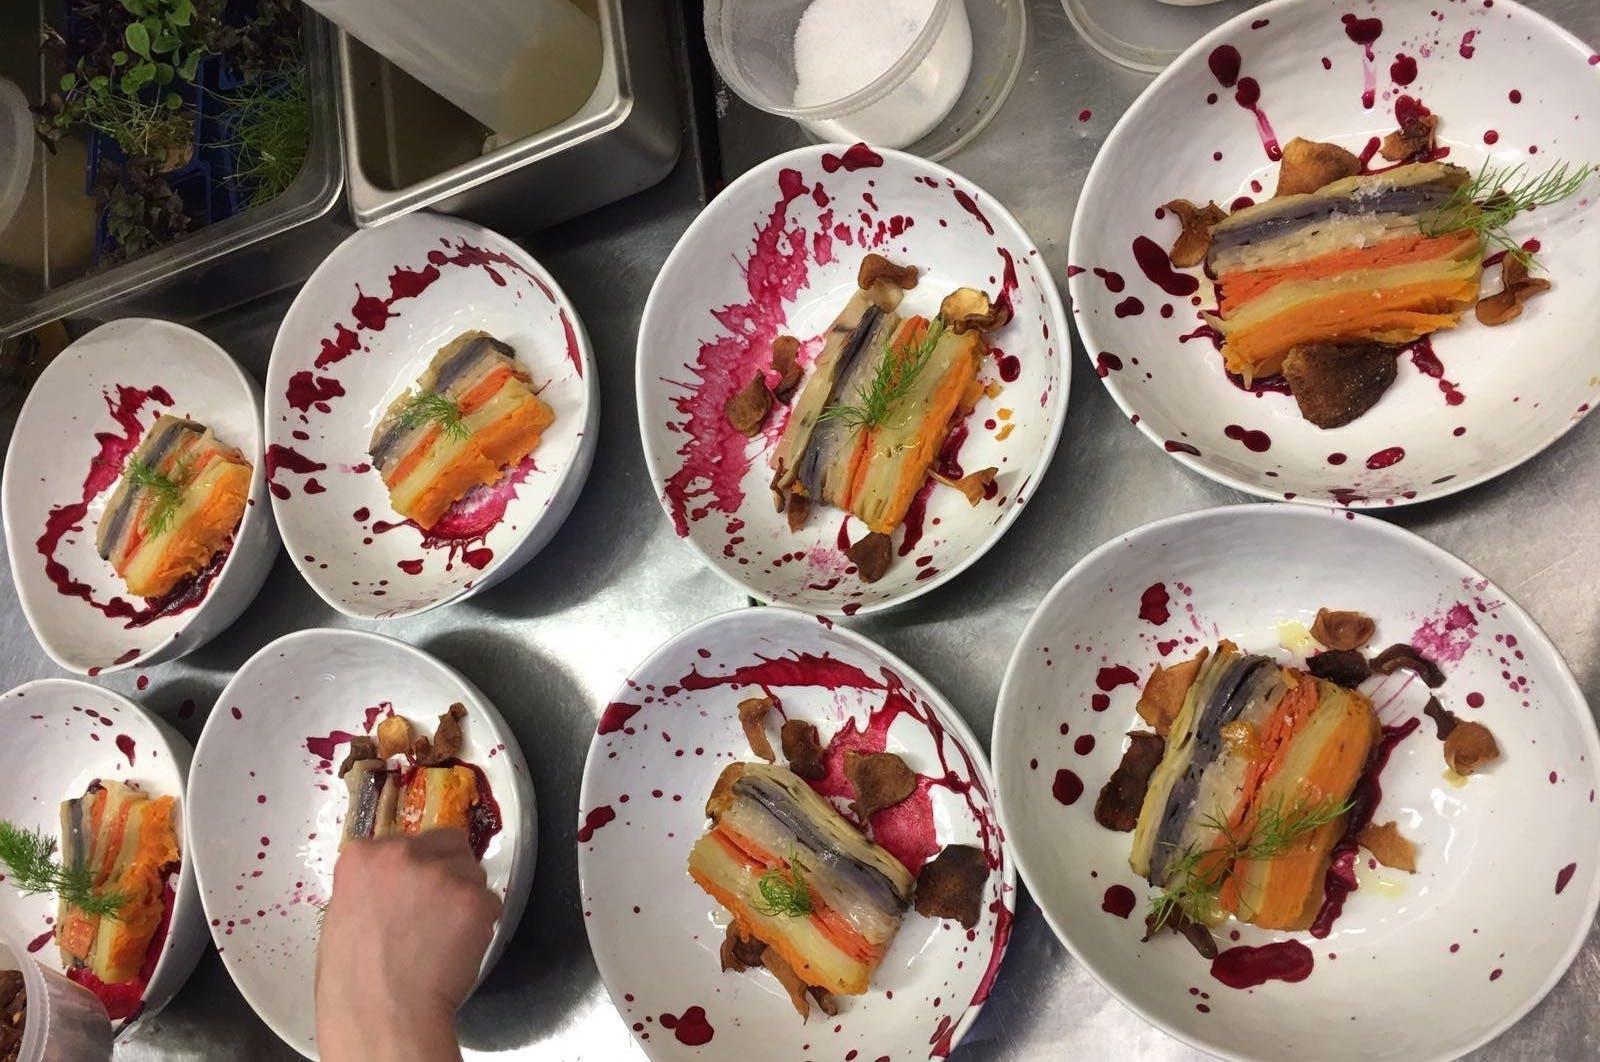 plates of veggies